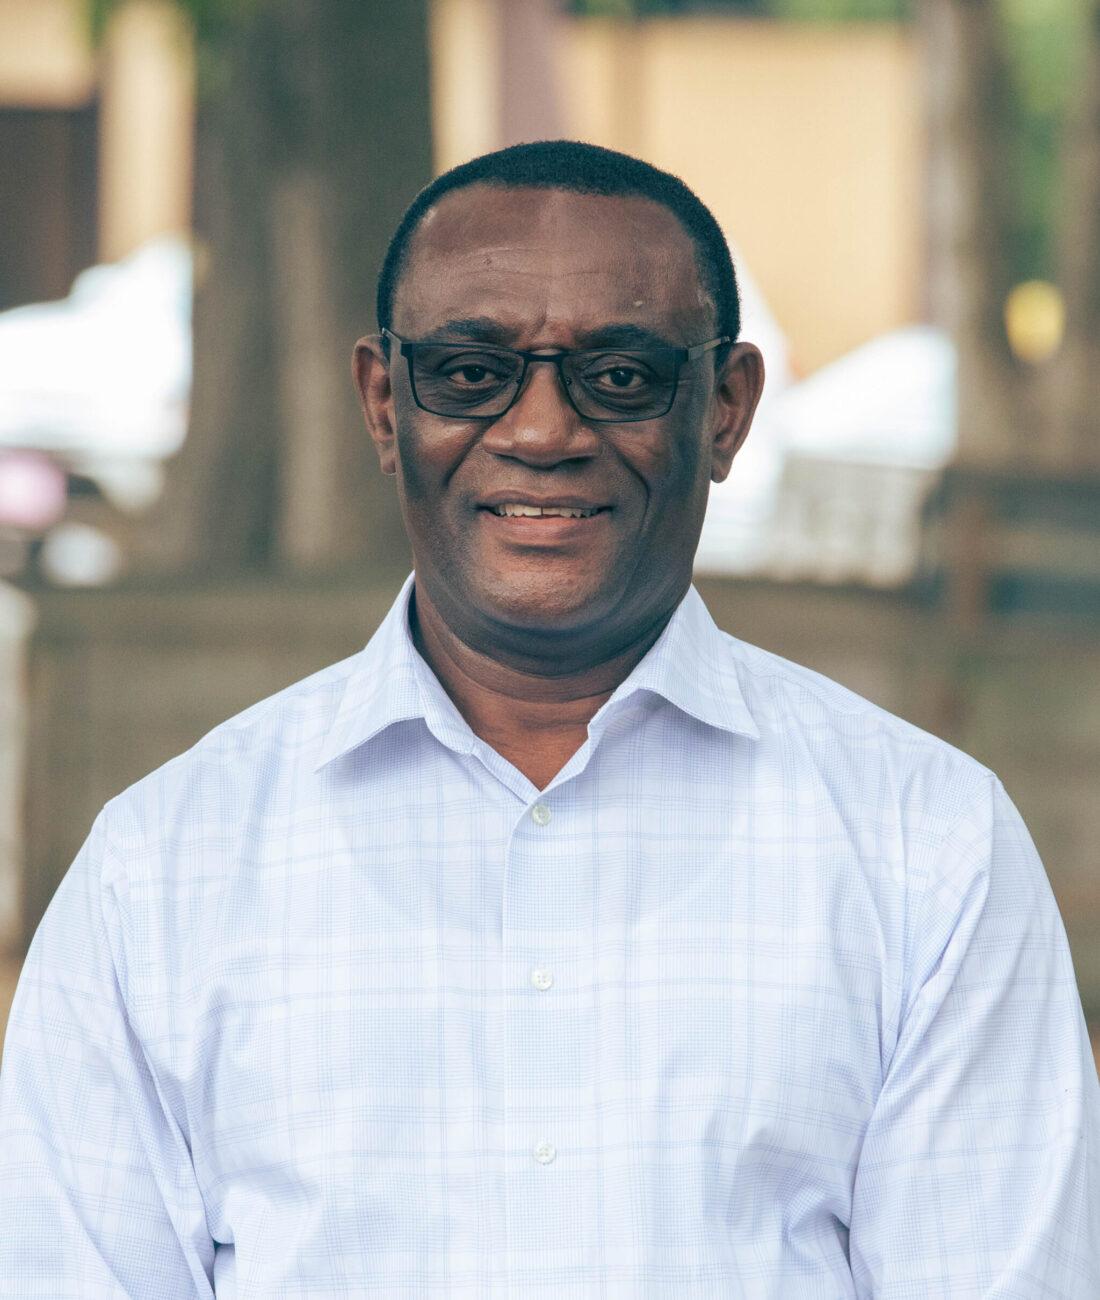 Kwaku Owusu-Boachie